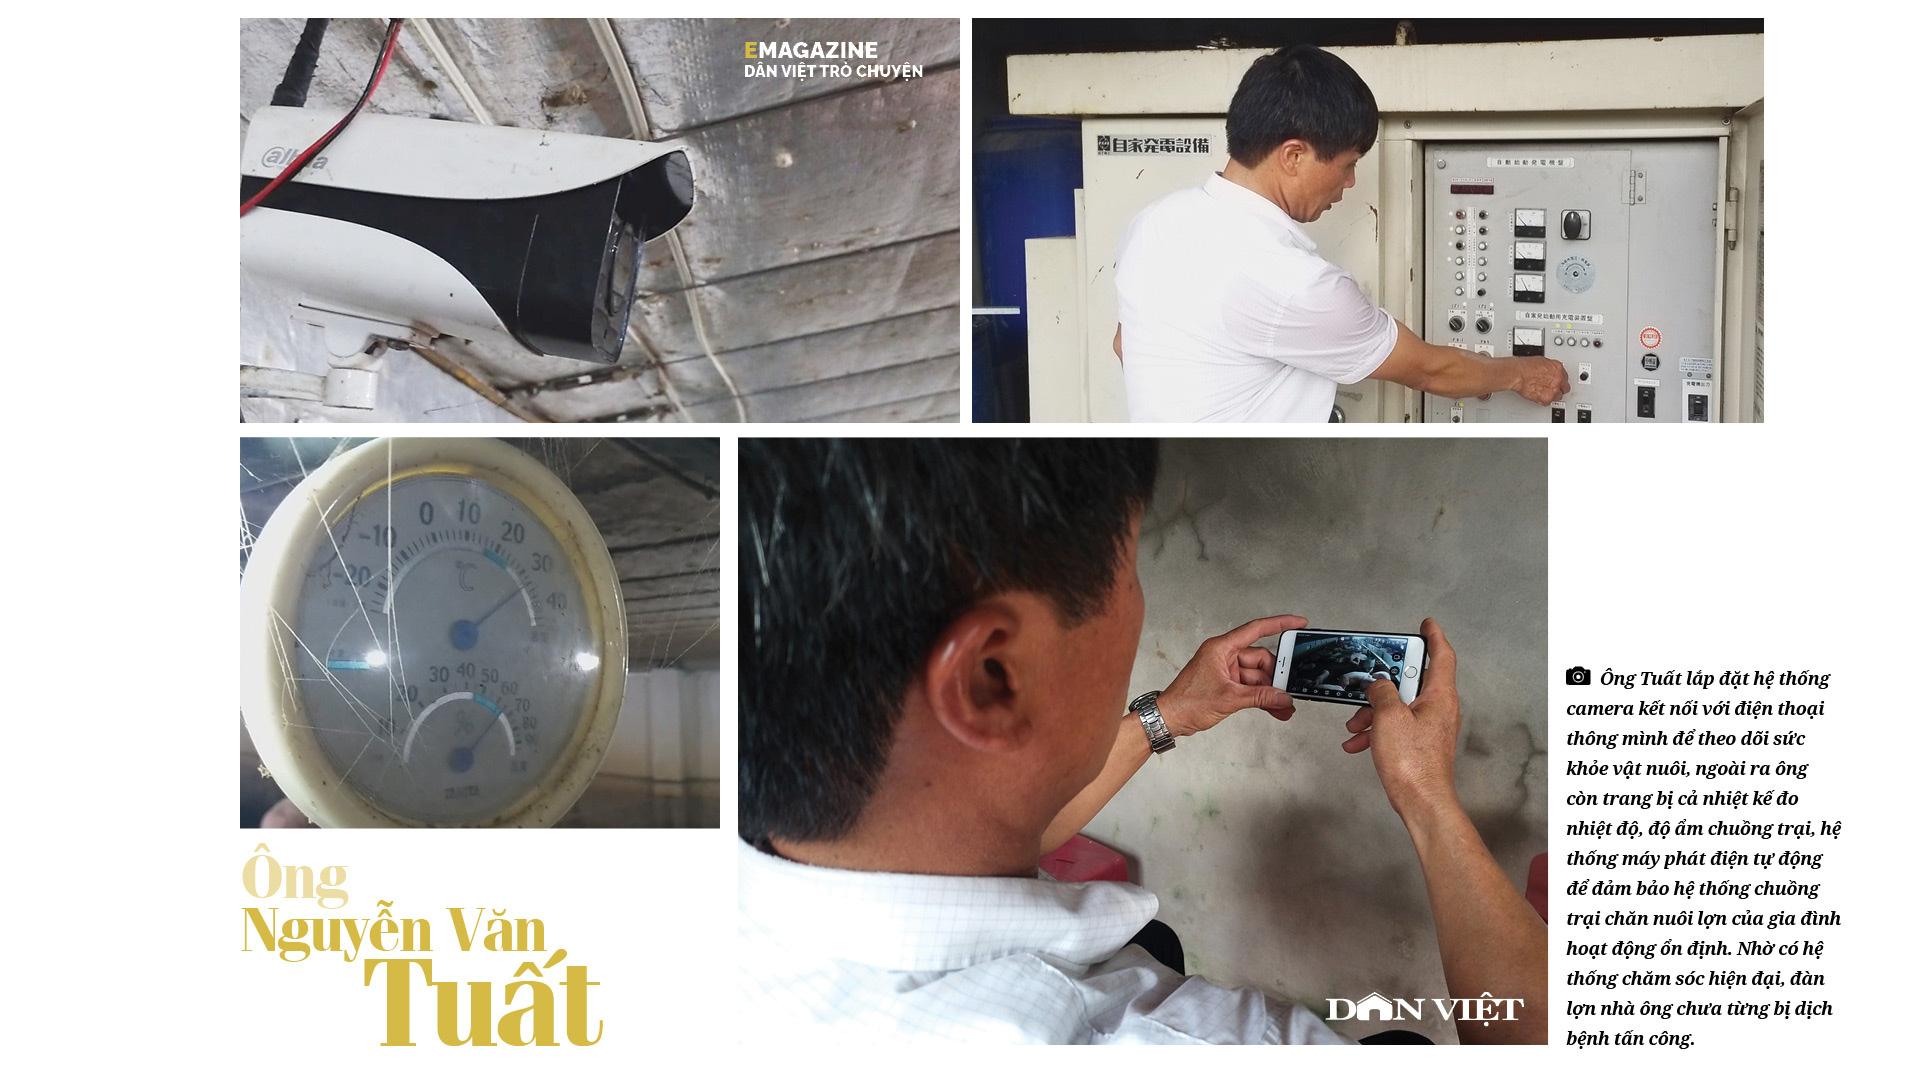 """Nguyễn Văn Tuất - """"thủ lĩnh"""" nông dân giỏi với biệt tài chăn nuôi 10 tỷ đồng/năm - Ảnh 15."""